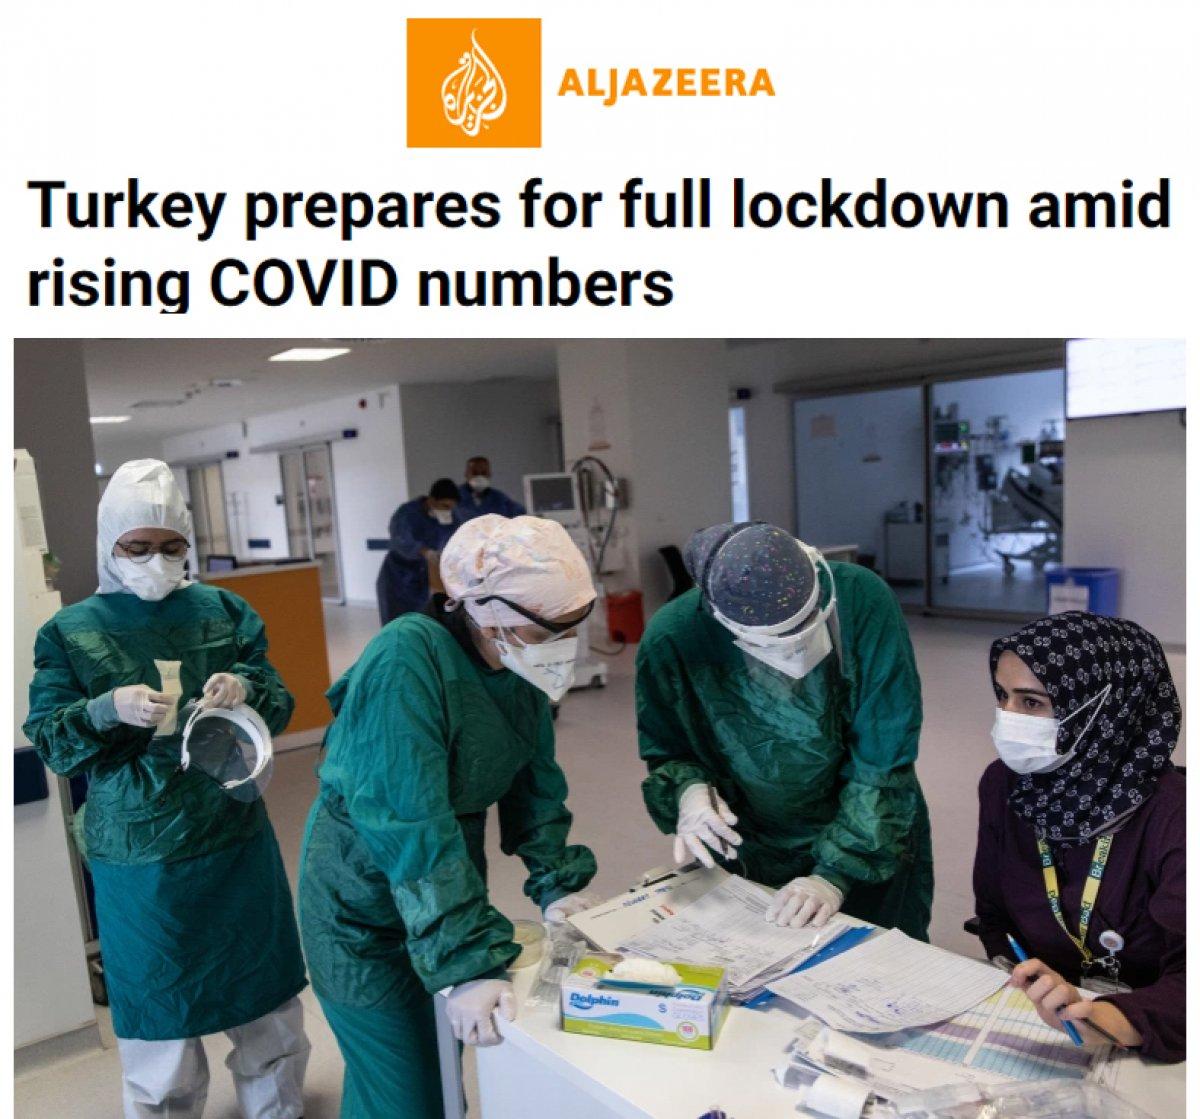 aljazeera 5678